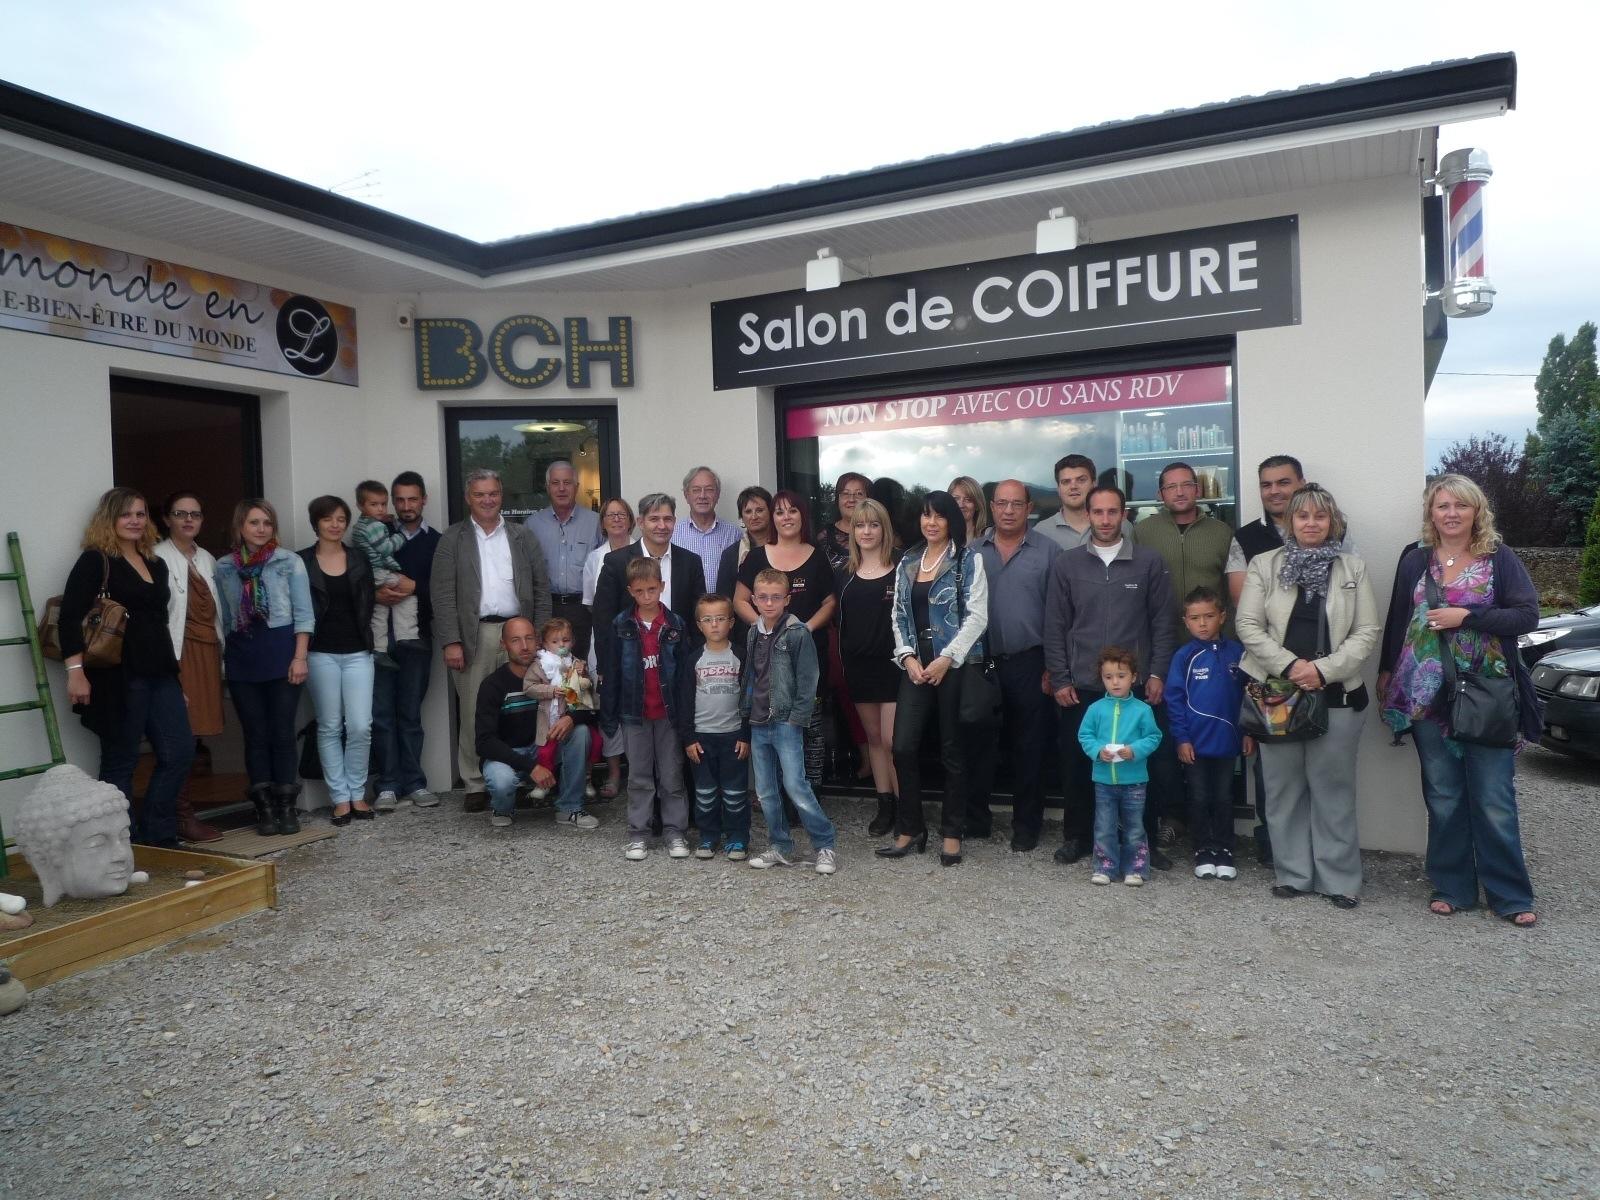 Salon de coiffure bch saint clair - Salon de coiffure bussy saint georges ...